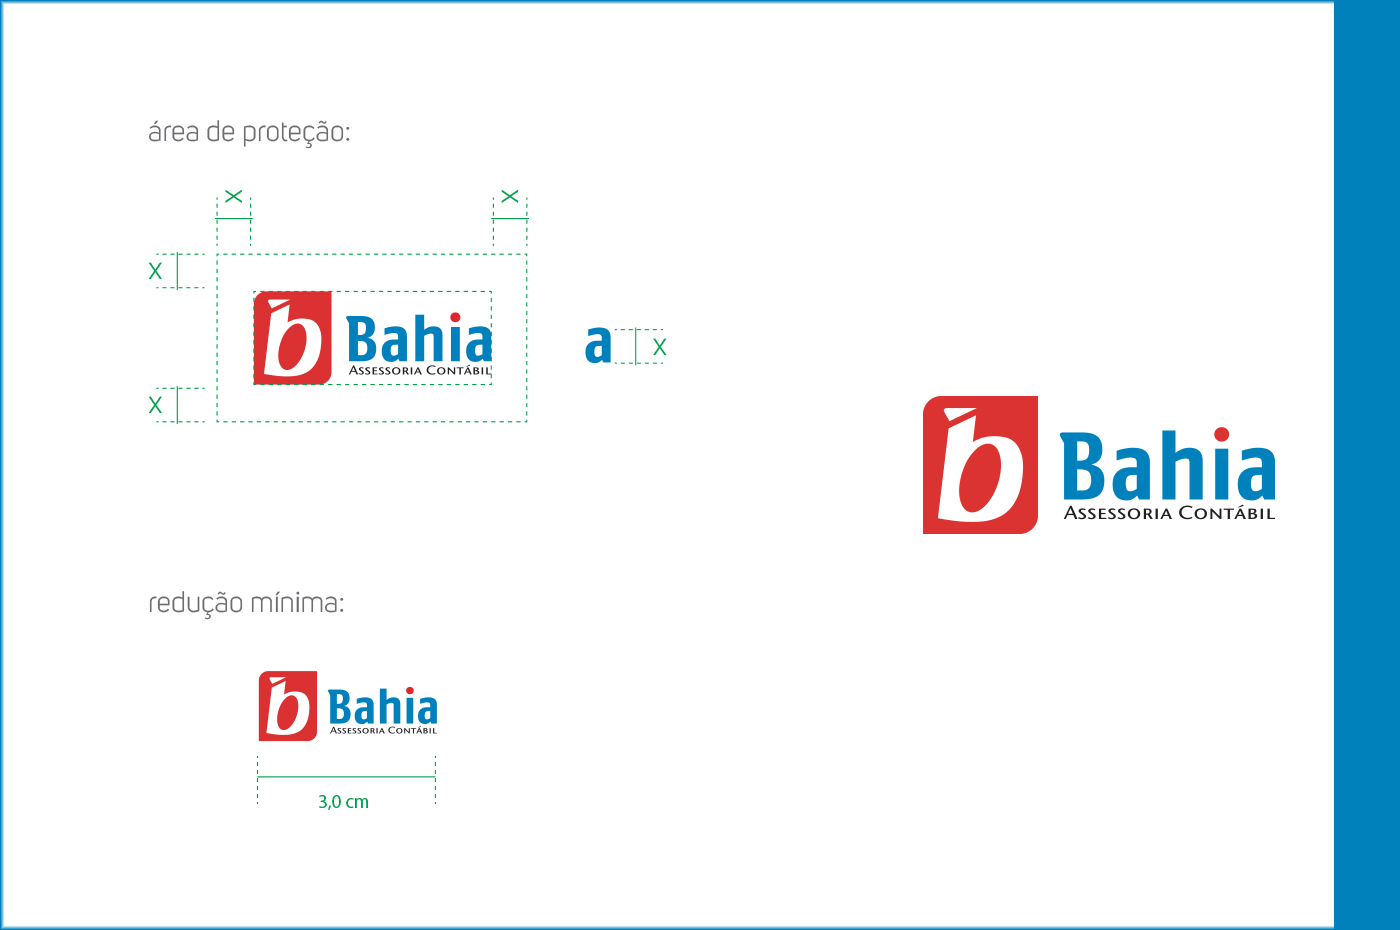 https://www.rafaeloliveira.com/portfolio/marca-bahia-assessoria-contabil